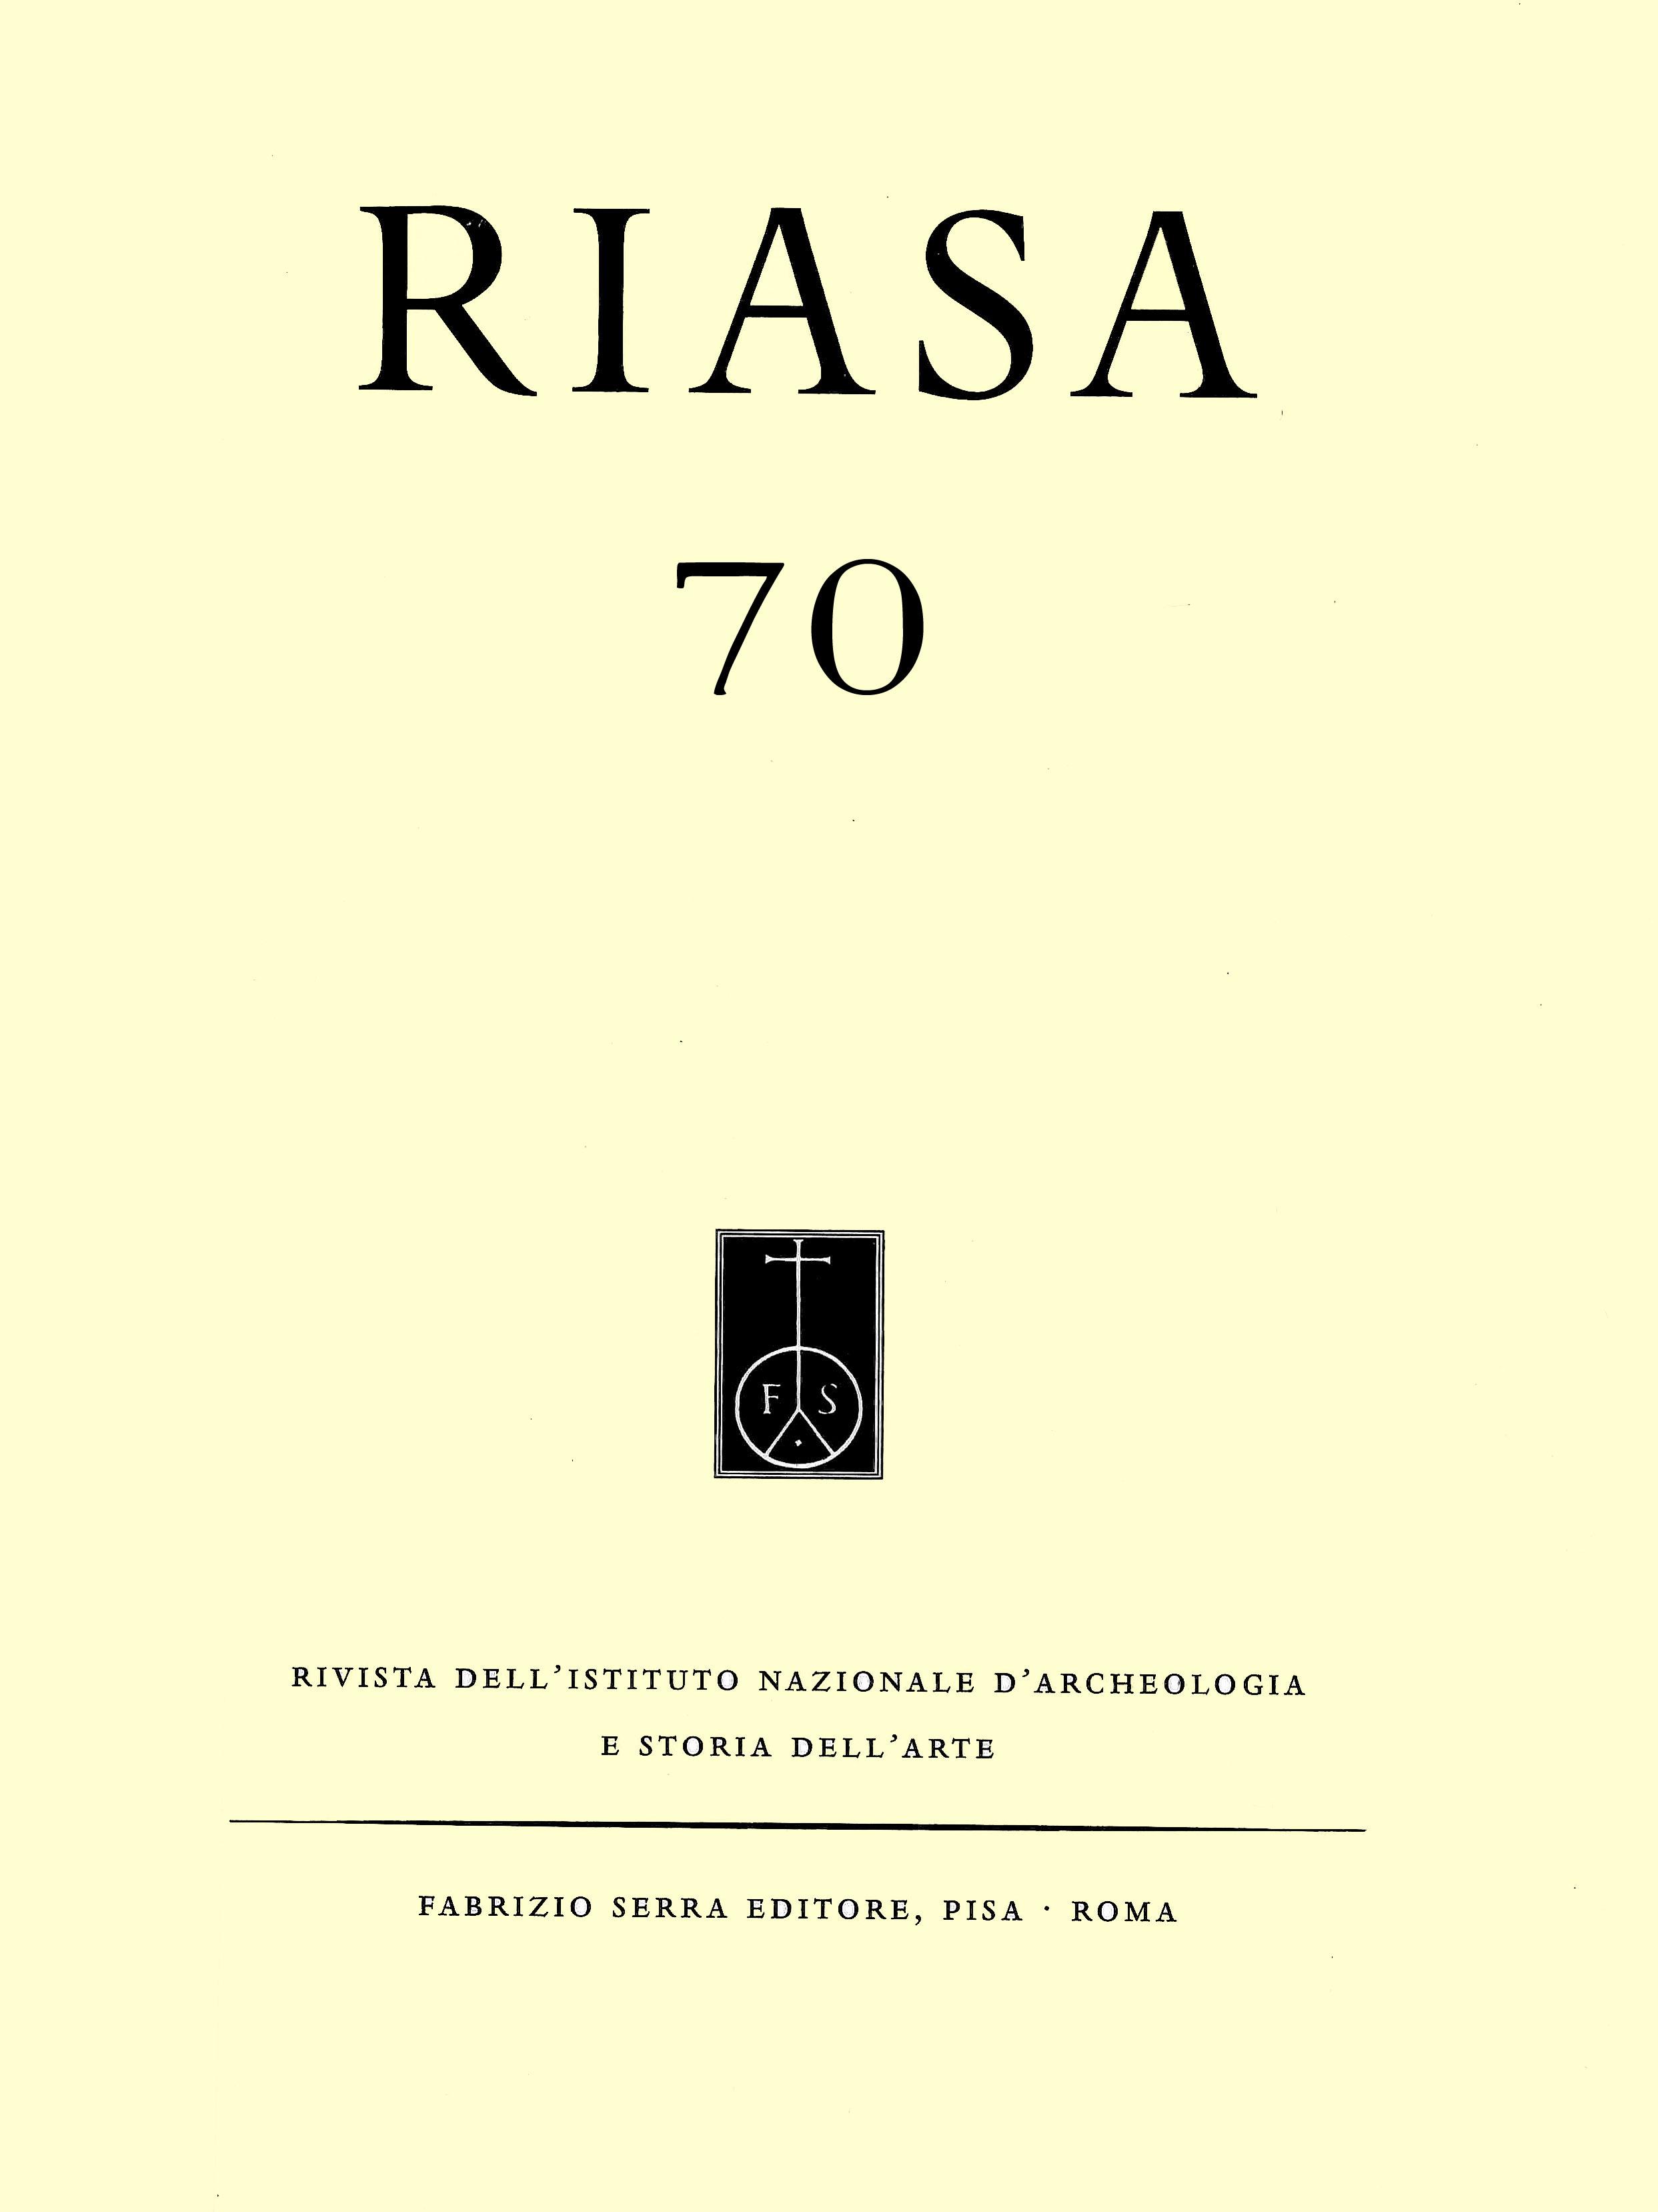 RIASA 70